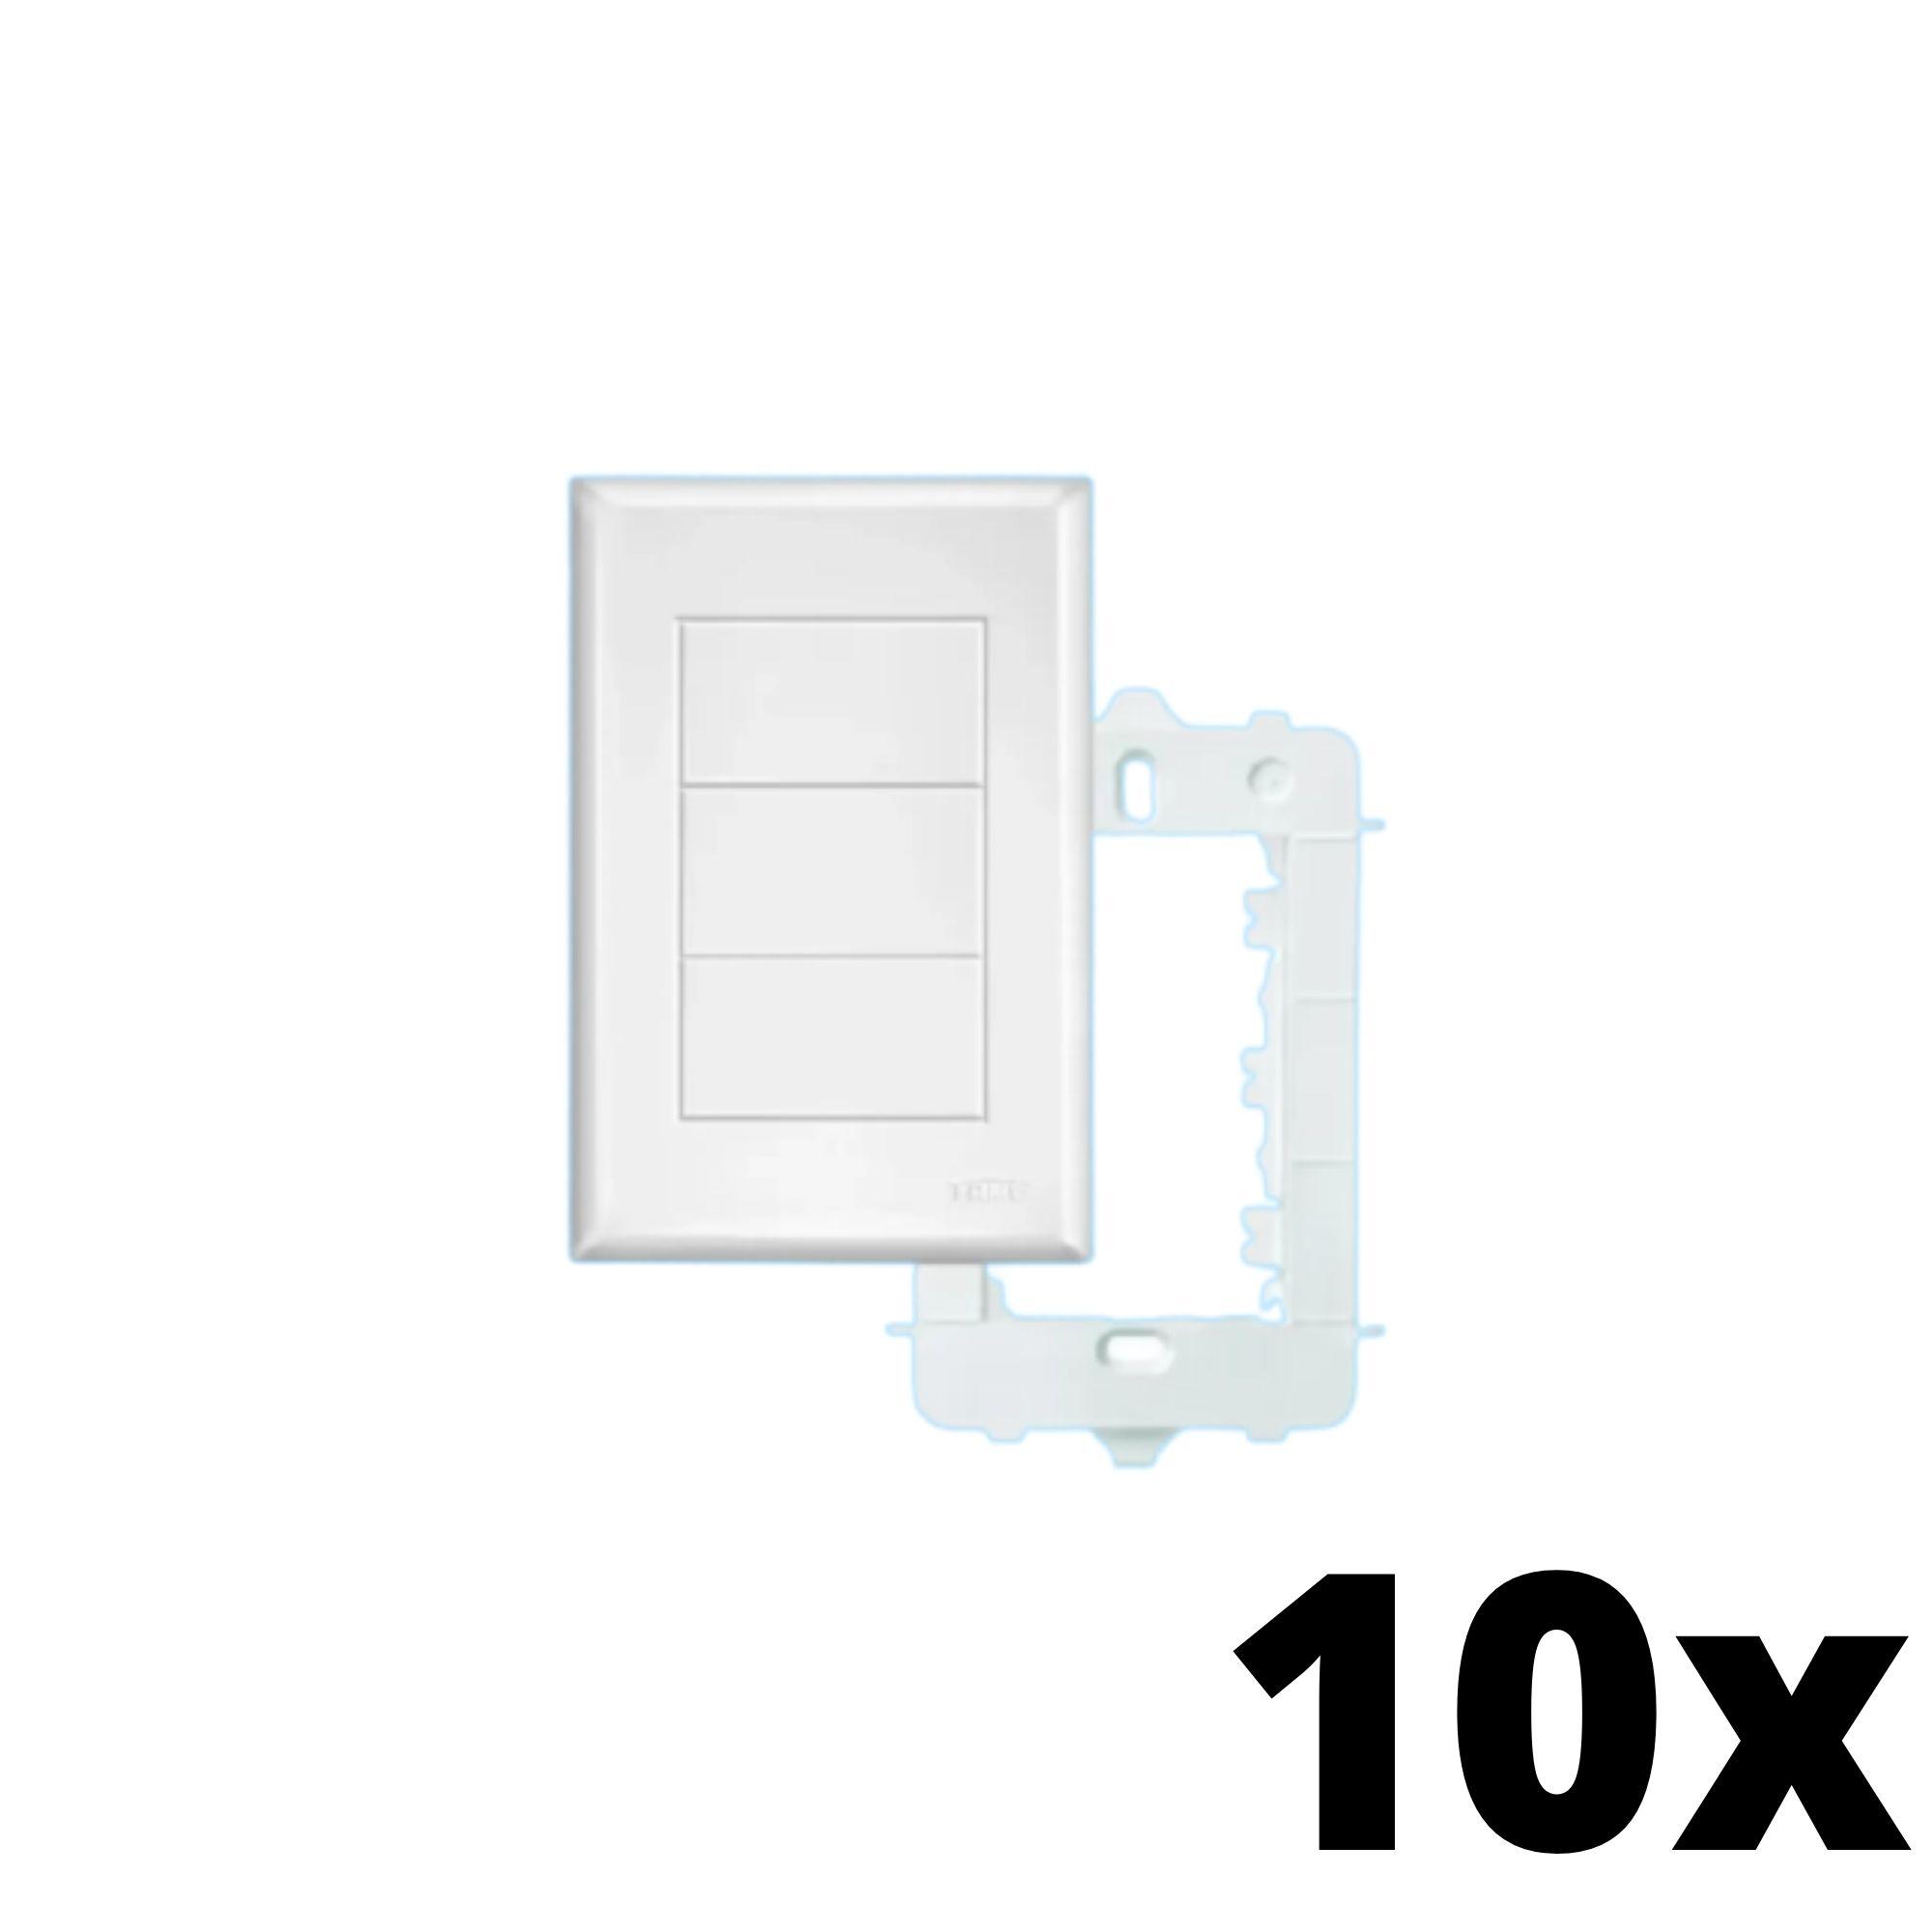 Kit 10 und Evidence Placa 4x2 Cega